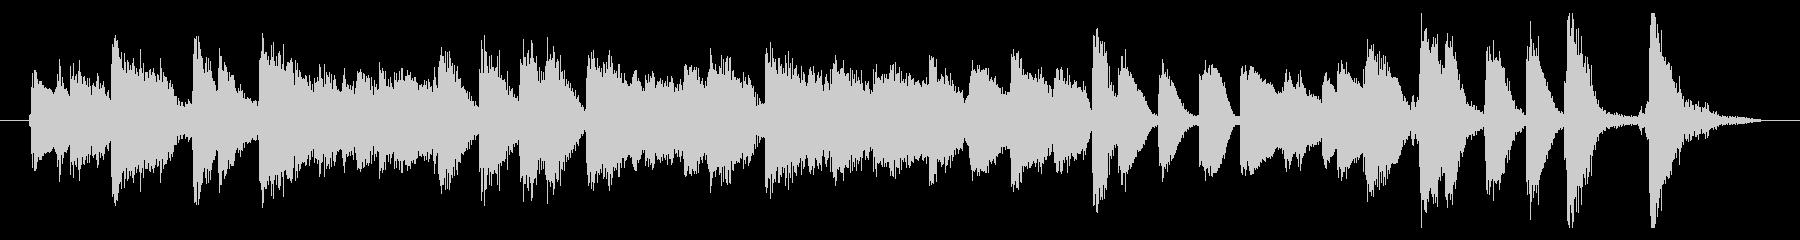 ジングル 楽しいジャズピアノトリオ の未再生の波形